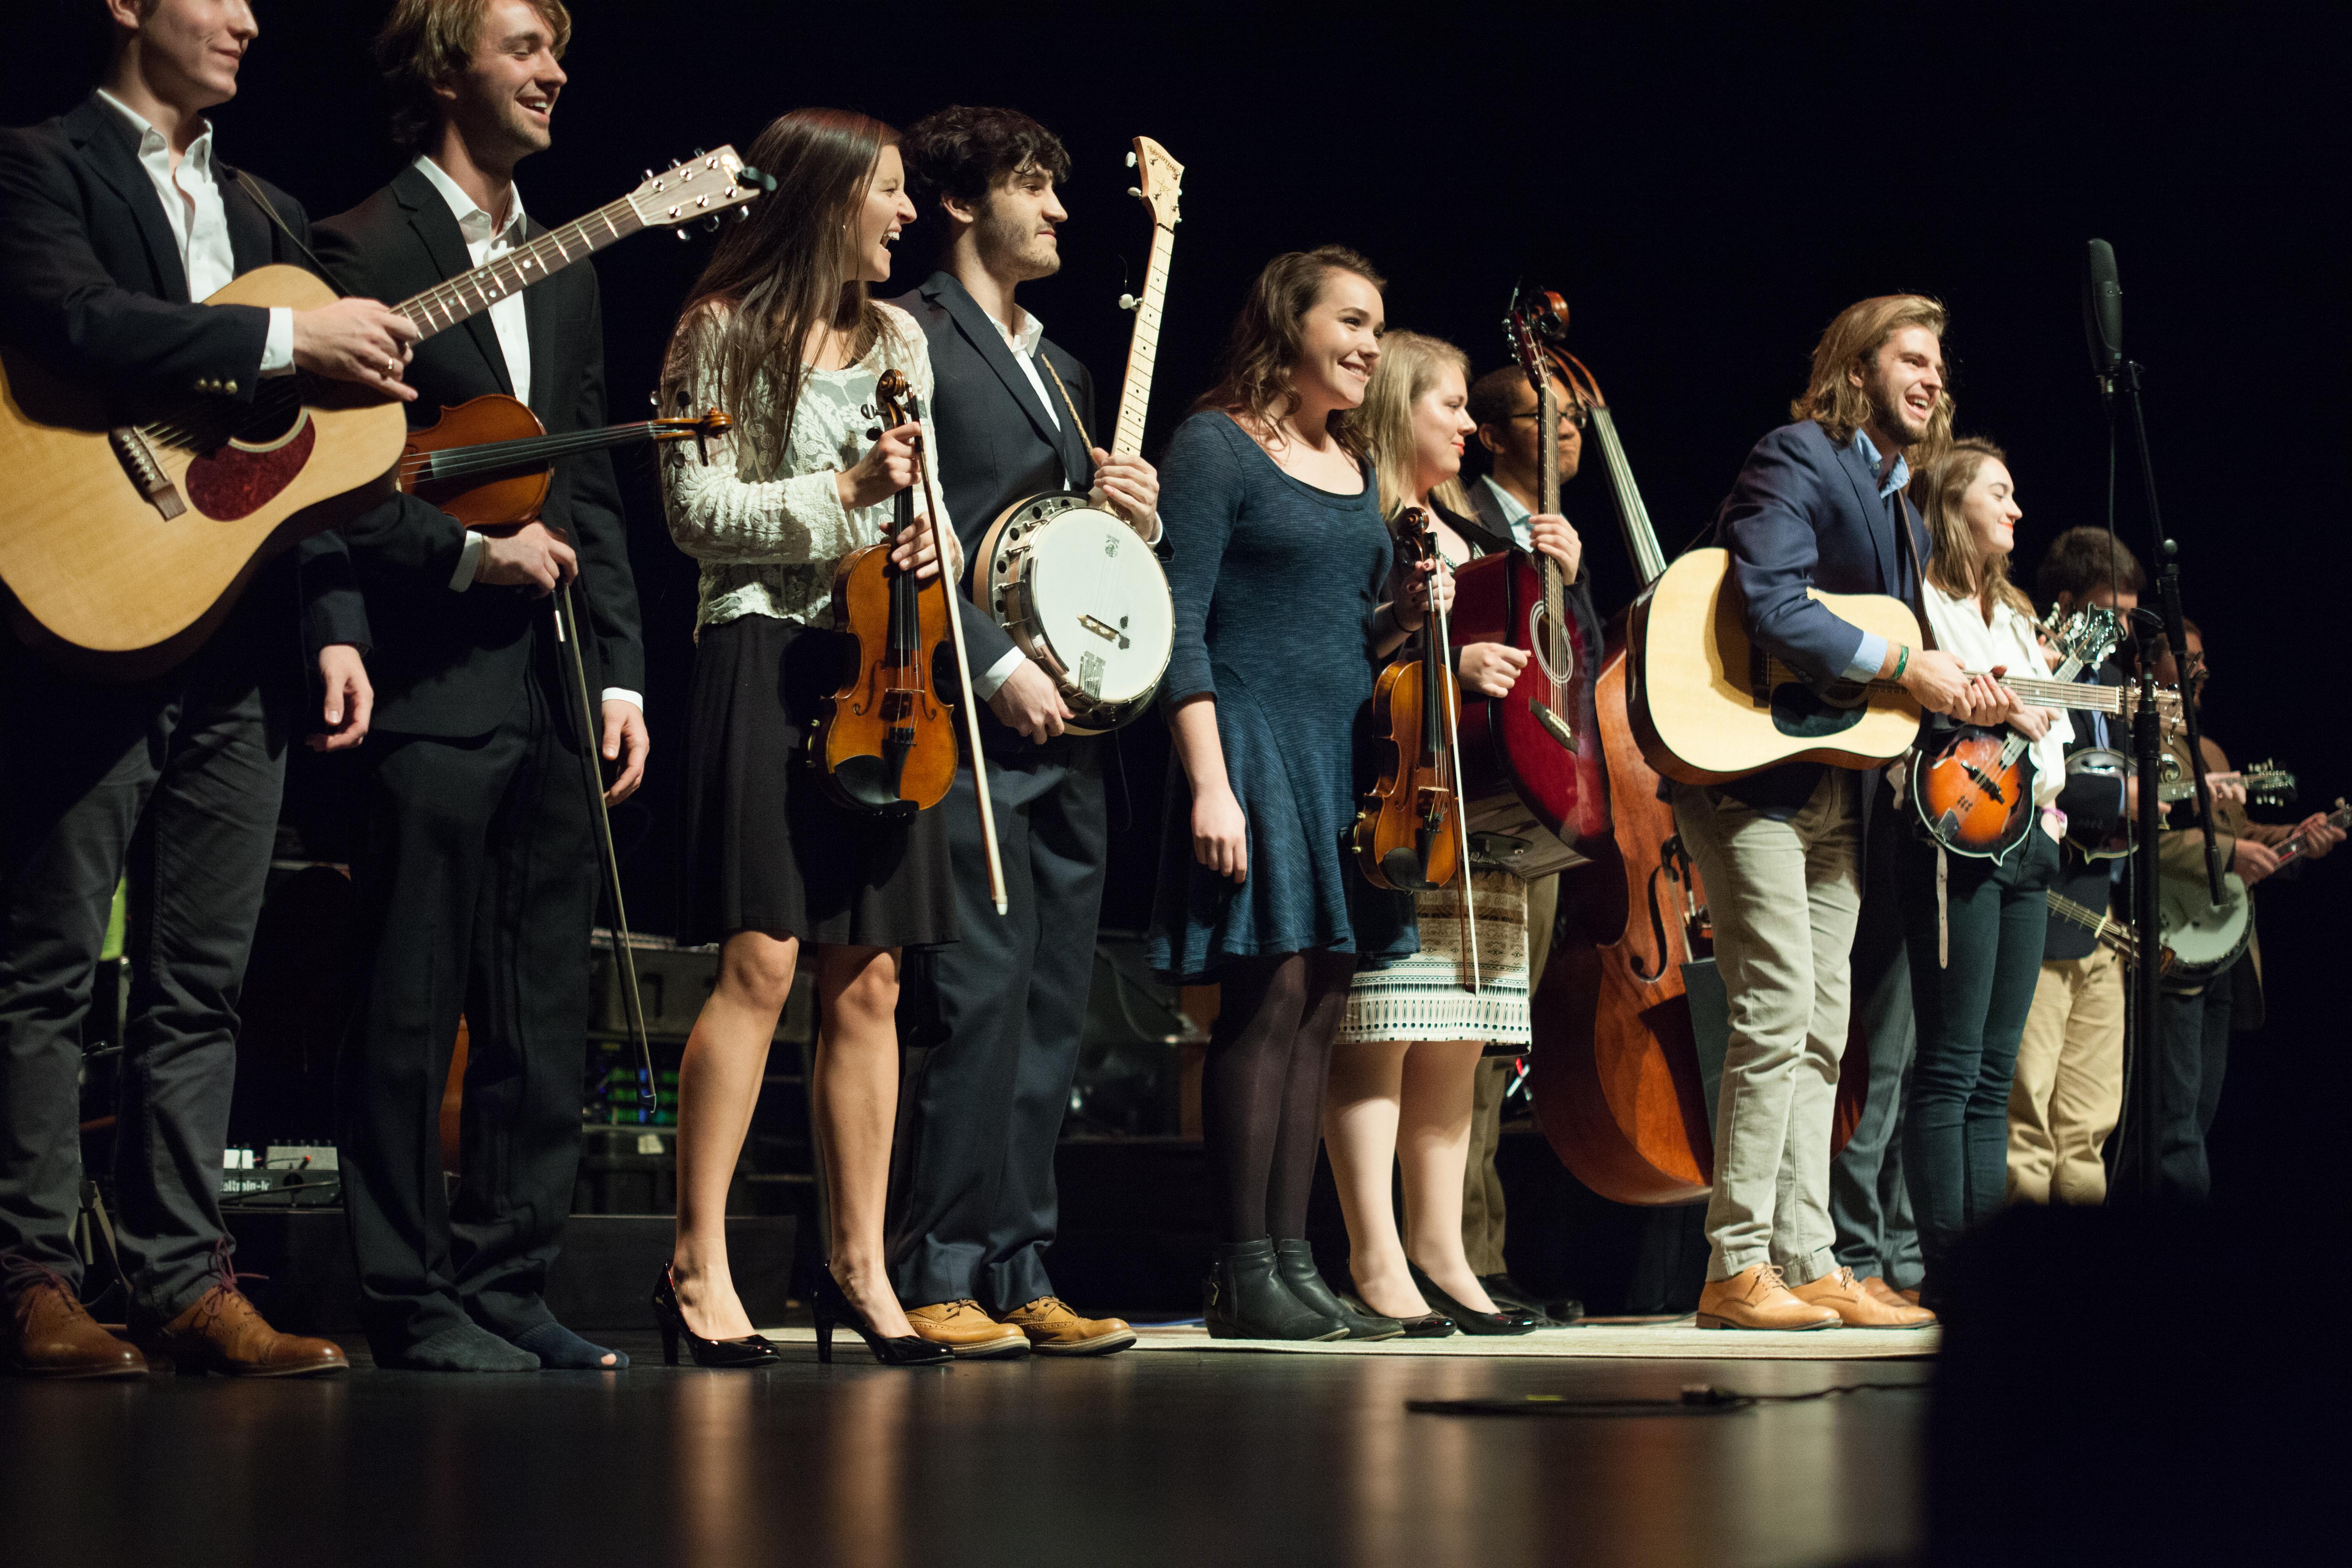 Carolina-Bluegrass-Band-at-Memorial-Hall